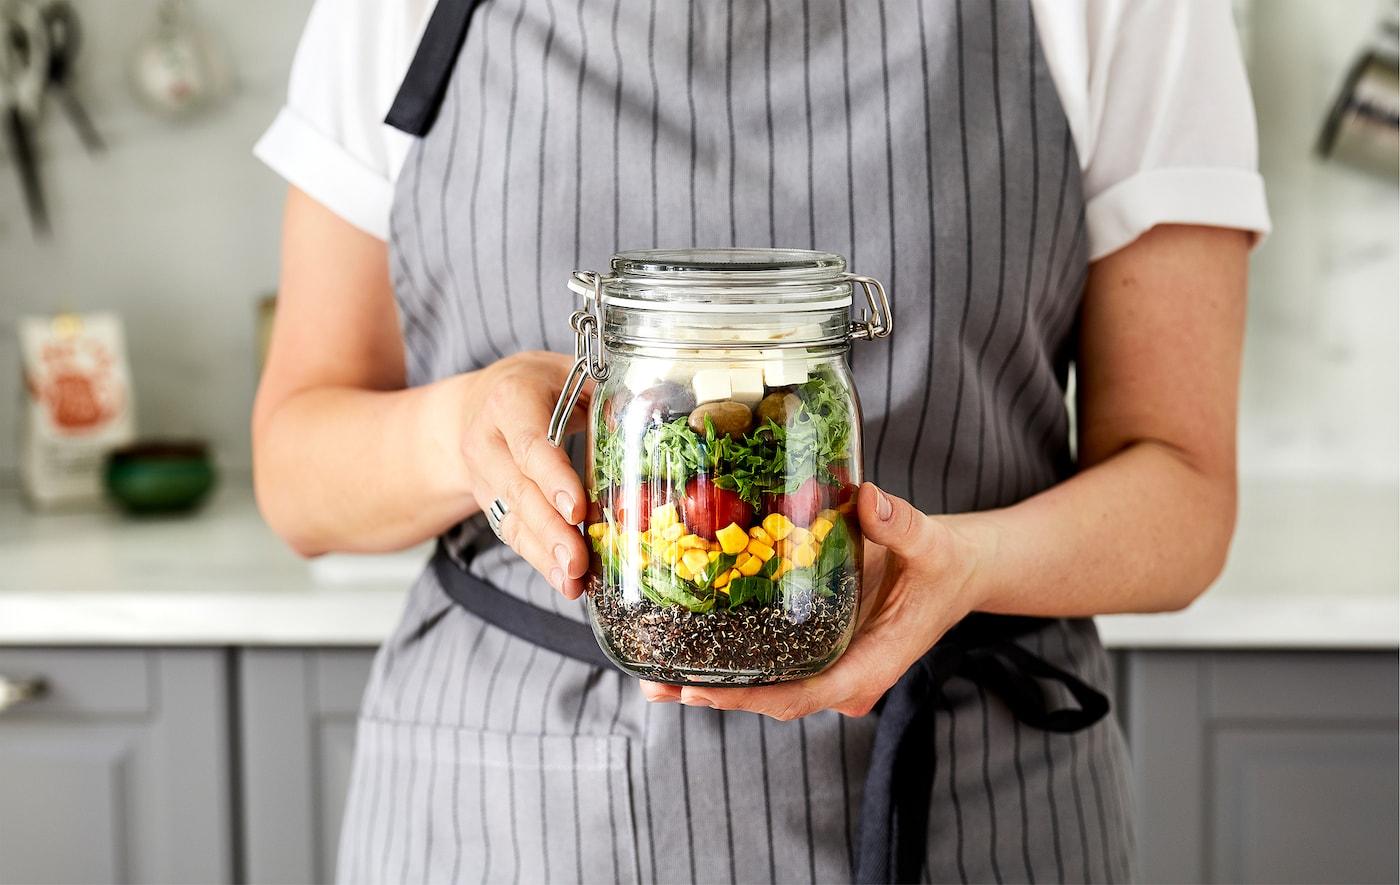 Kobieta w fartuszku stoi w kuchni, luźno trzymając w obu dłoniach wysoki szklany słoik wypełniony ułożoną warstwami, kolorową sałatką.